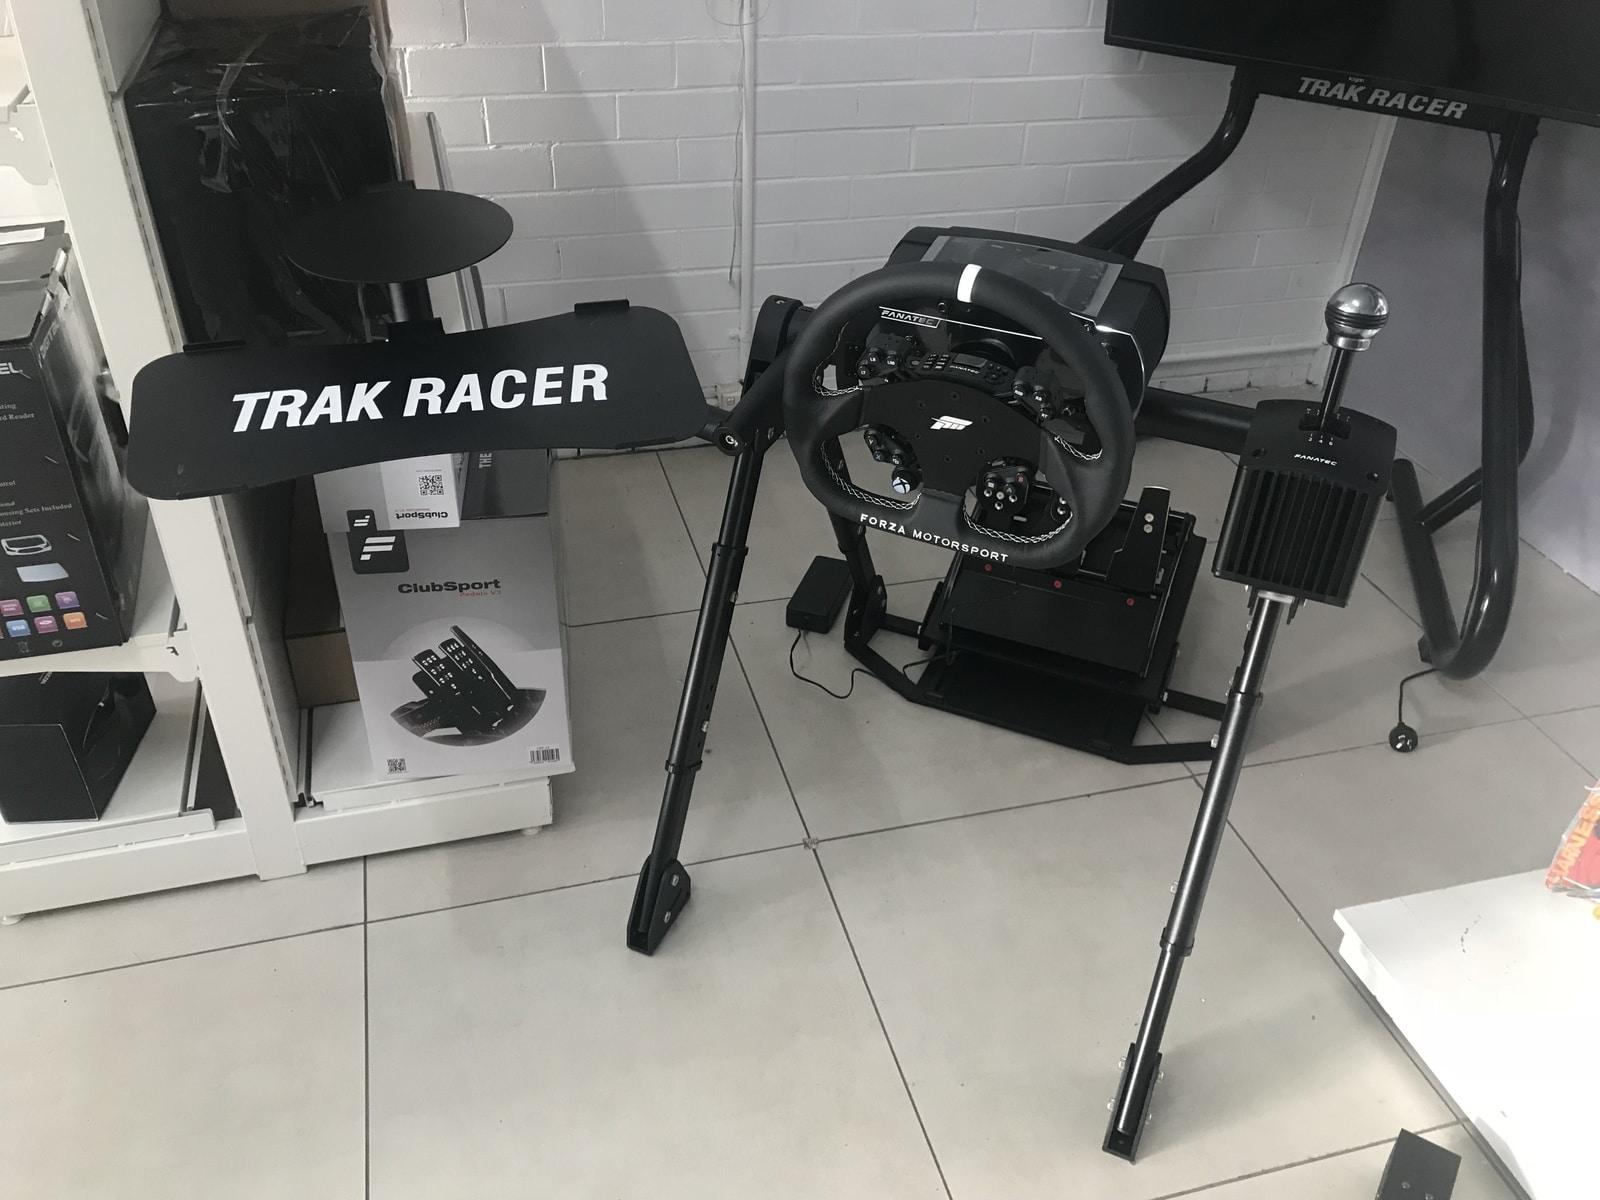 postazione volante trak racer fs3